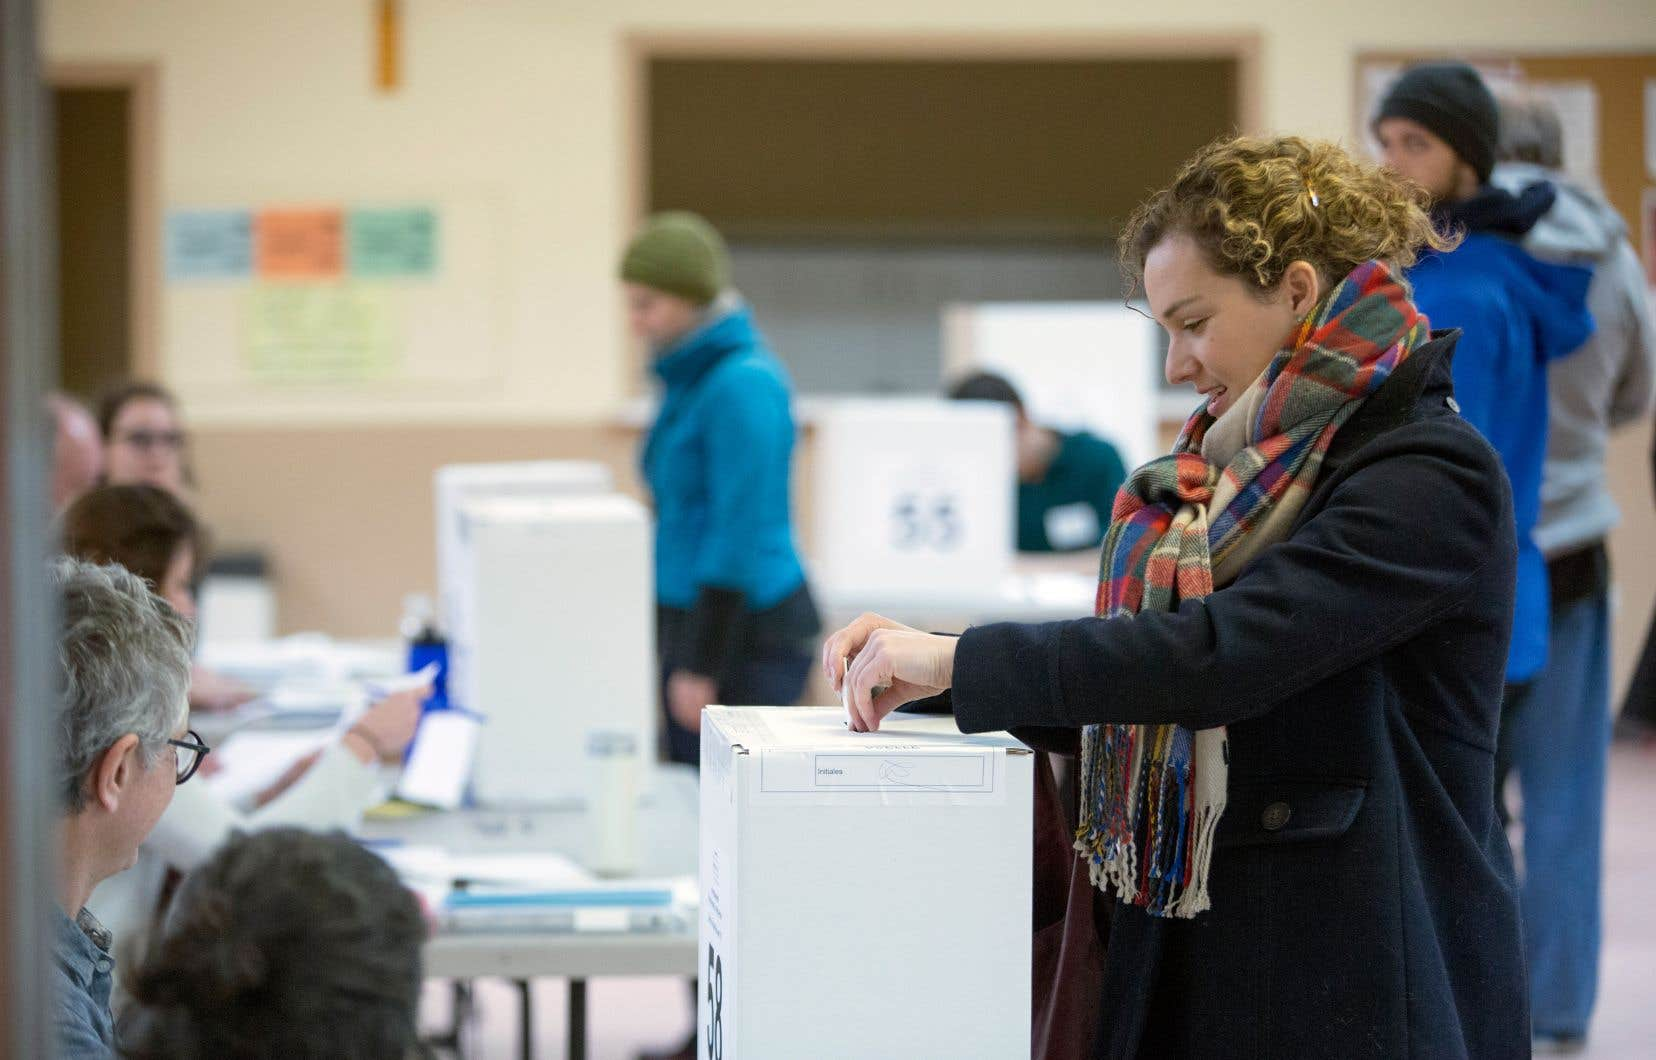 Les jeunes femmes votent plus que les jeunes hommes, selon le rapport de l'INM.